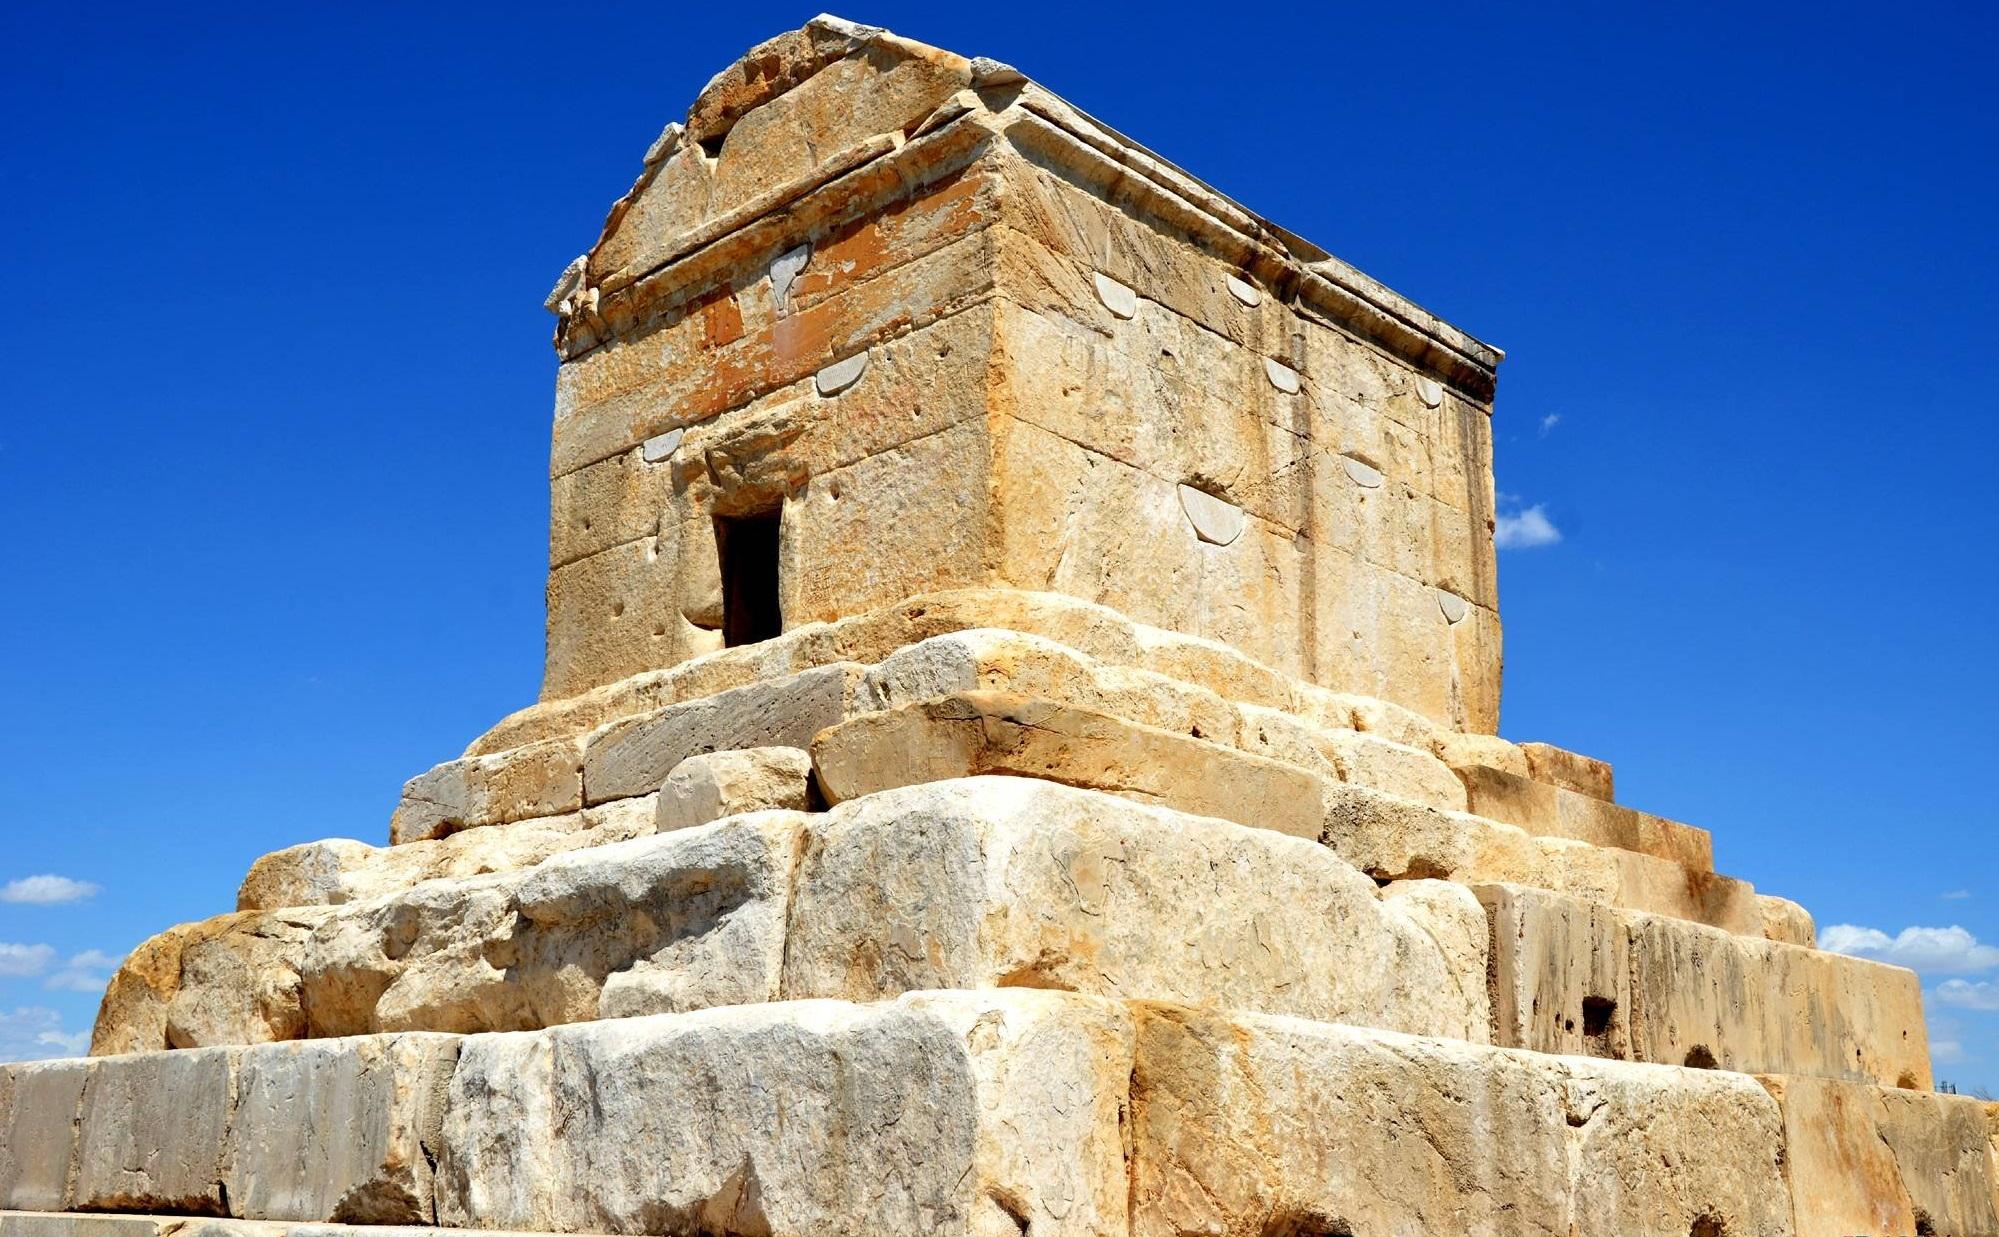 上图:位于伊朗帕萨尔加德(Pasargadae)的古列王墓,已经保存了两千多年。古列王争战一生,开创了版图空前庞大的波斯帝国,但死后也和众人「归一个地方去」(传六6),仅存的坟墓其实空然无物。